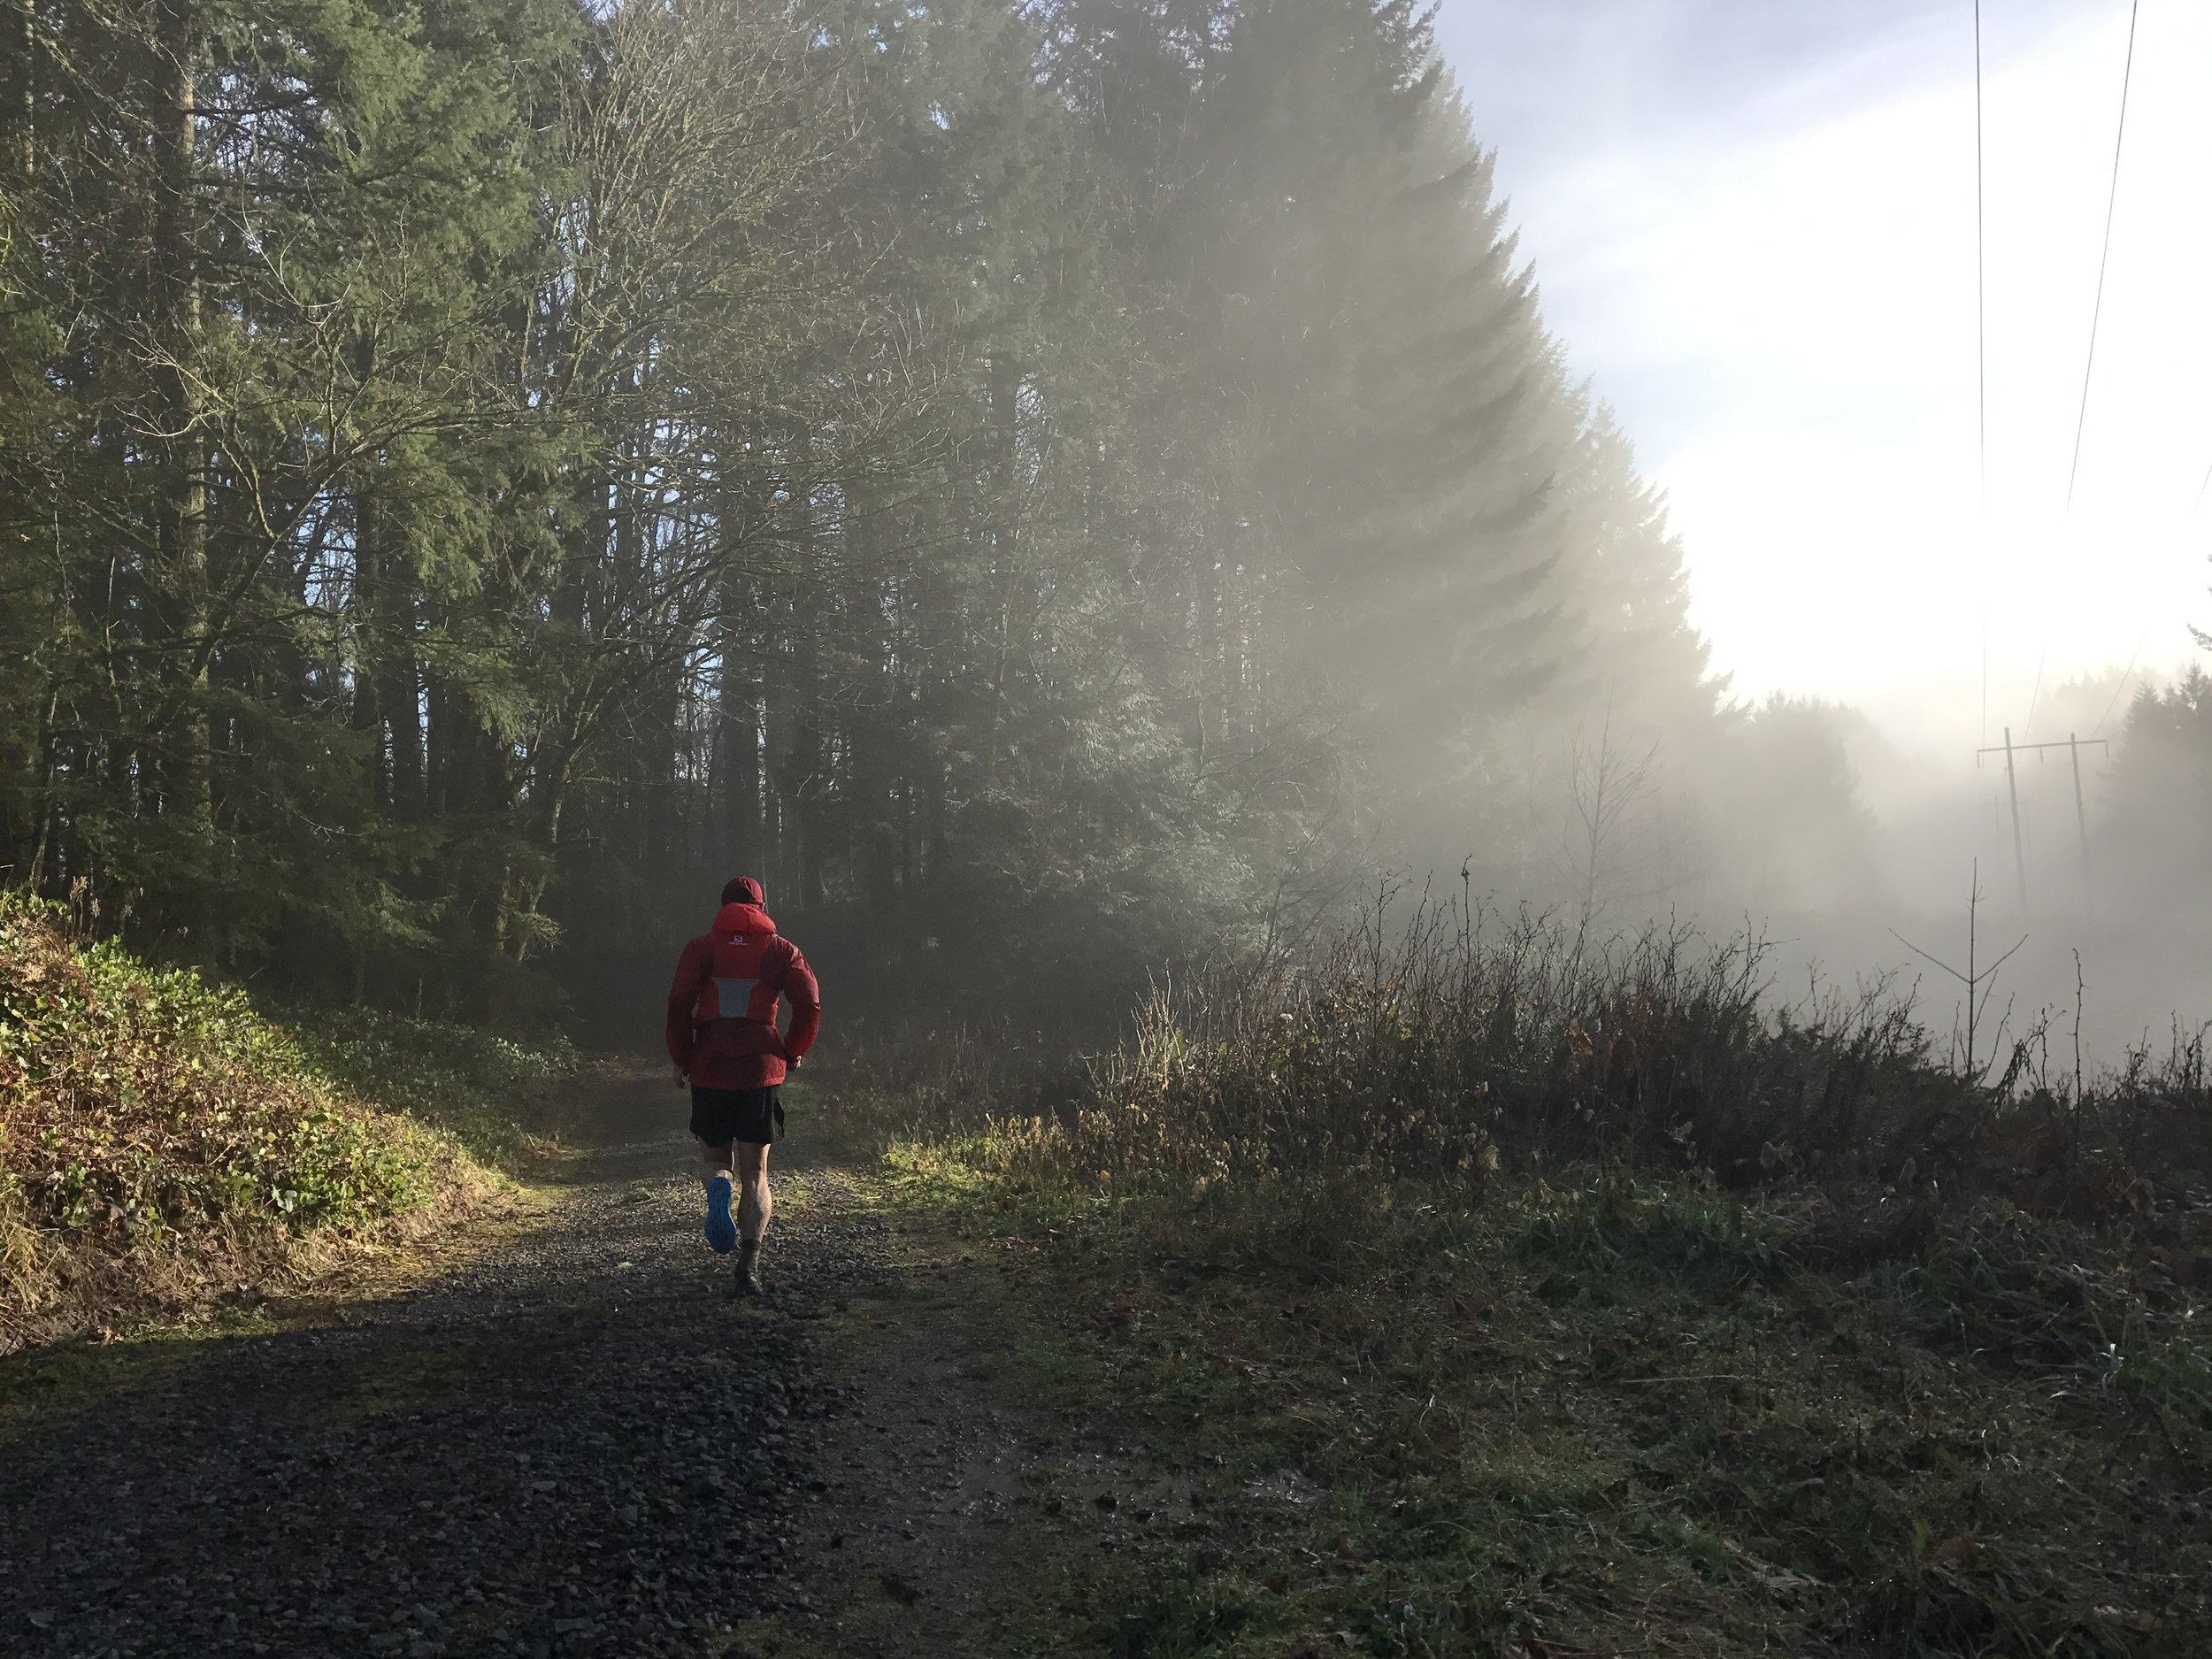 Jordan Chasing the Sun Beams - BPA Road, Portland, OR